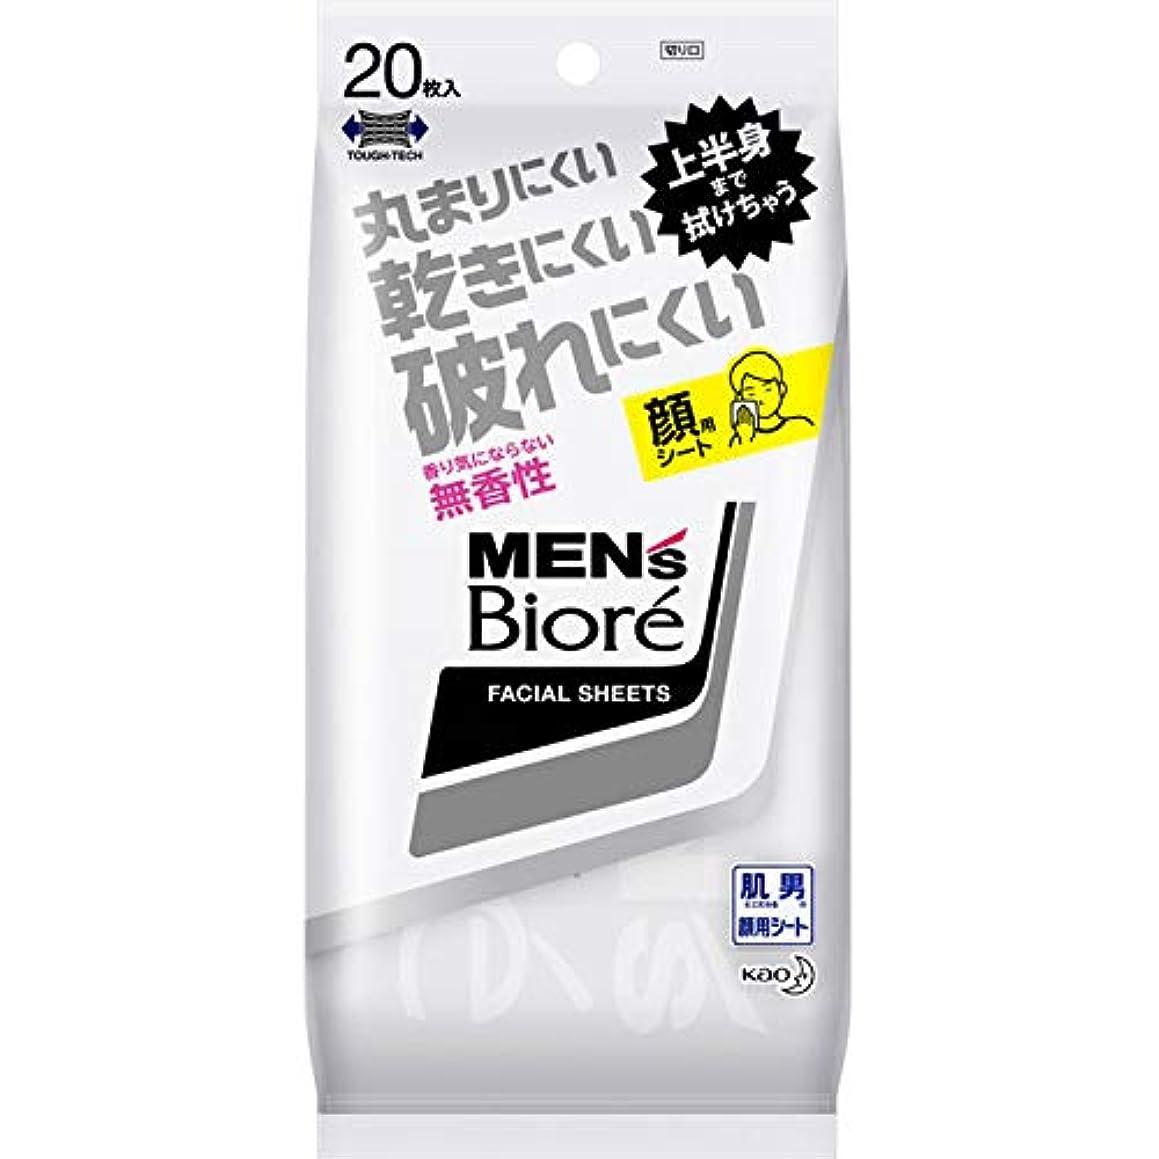 手当高尚なネズミ花王 メンズビオレ 洗顔シート 香り気にならない無香性 携帯用 (20枚入) ビオレ フェイスシート